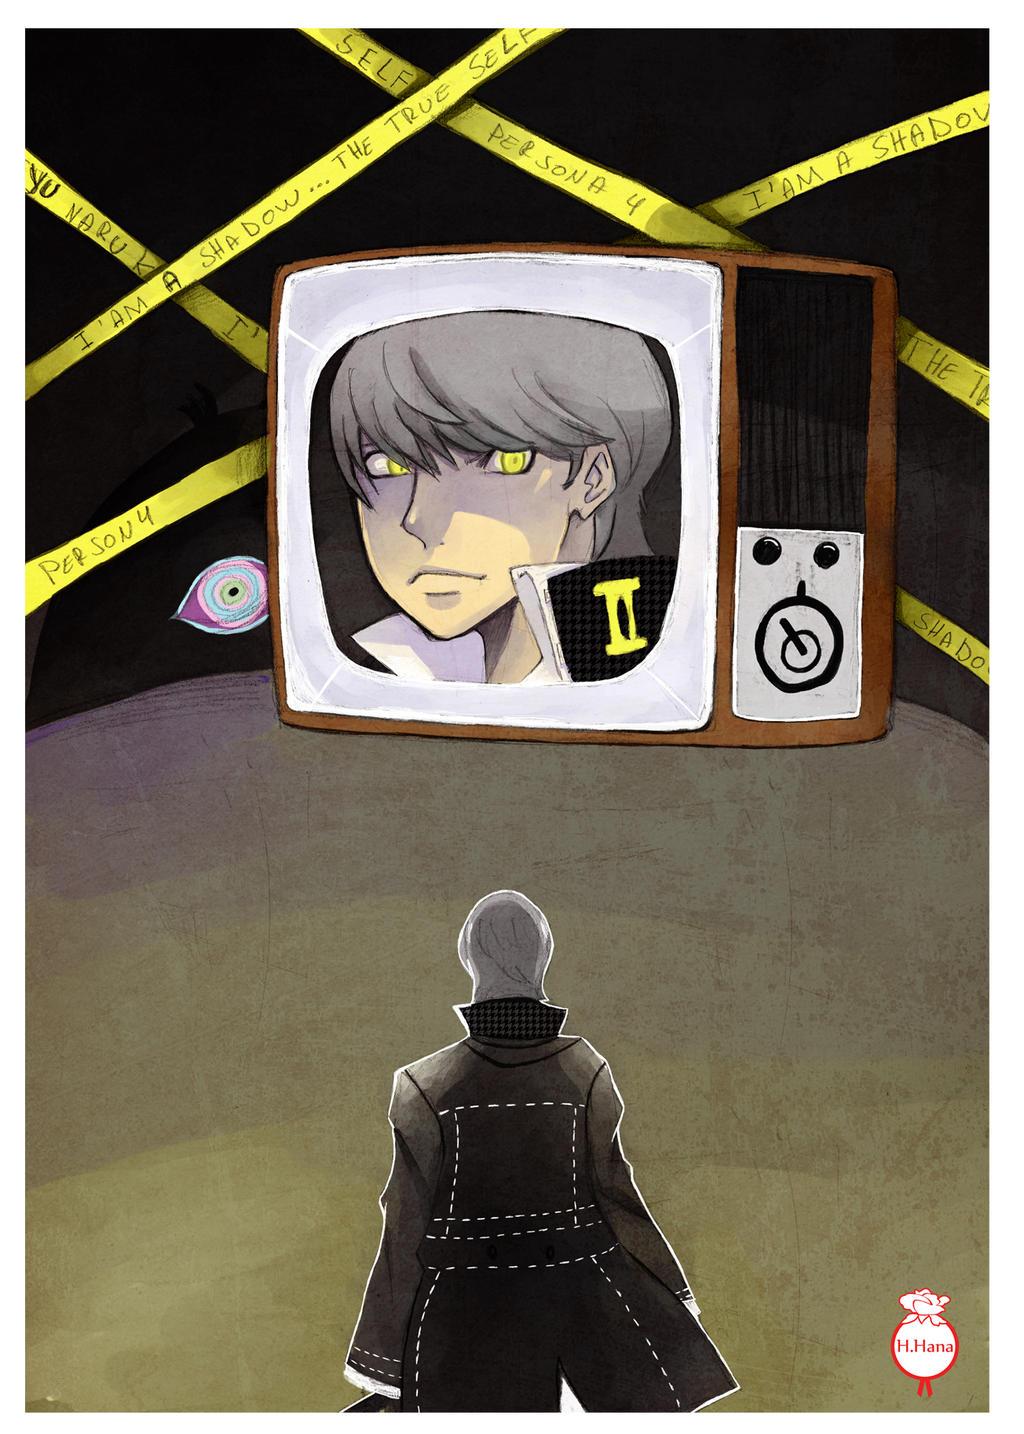 Fan-art: Persona 4 Yu Narukami by hiromihana